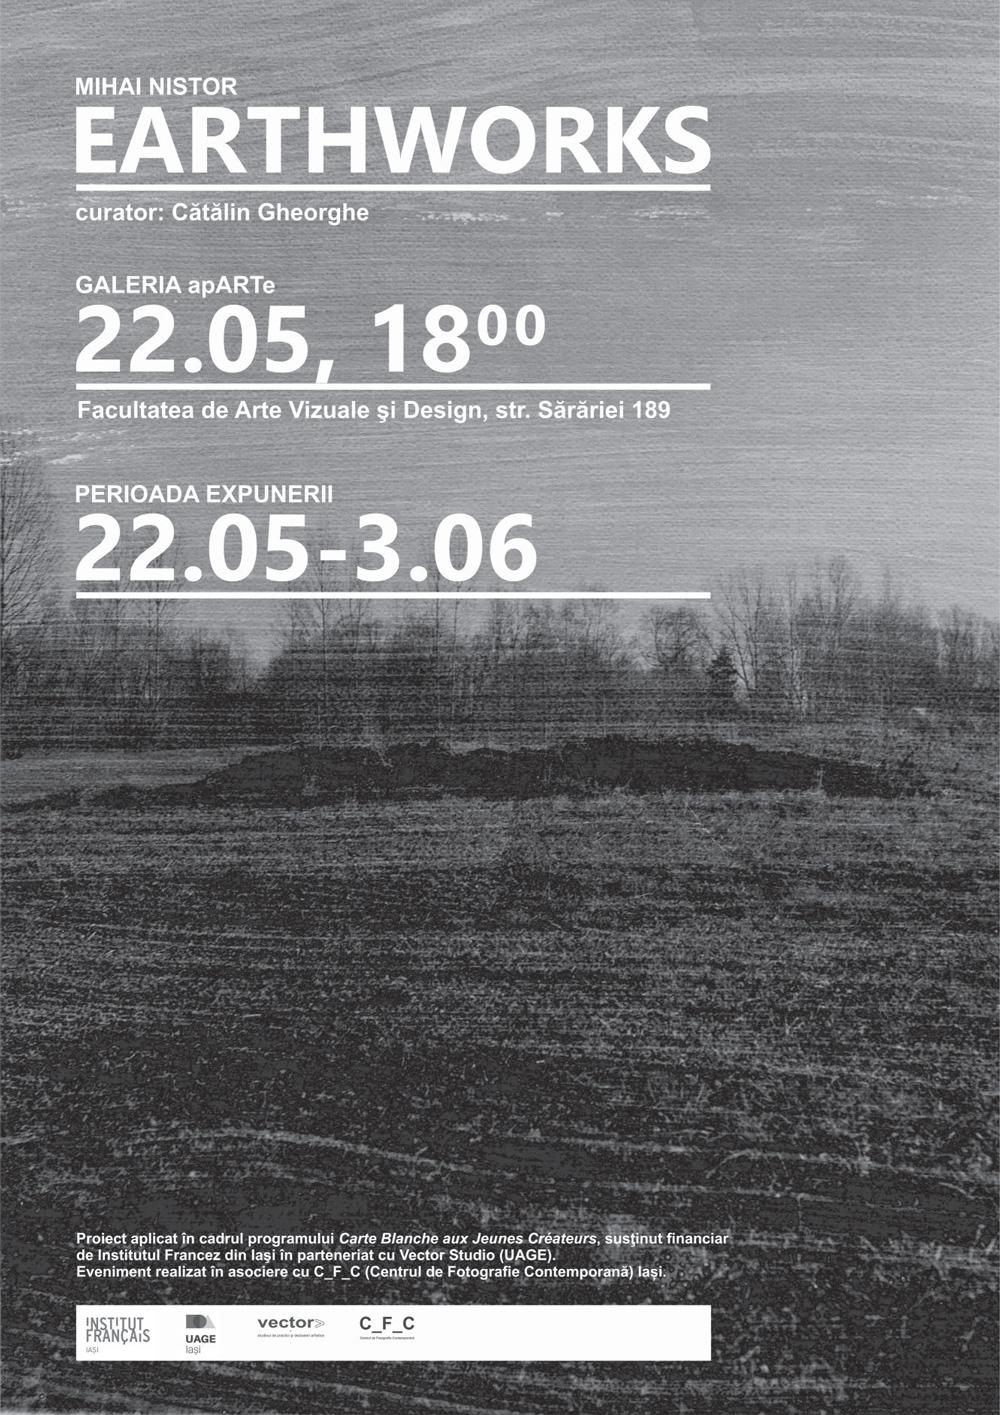 Earthworks-de-Mihai-Nistor-_-Vector-Studio